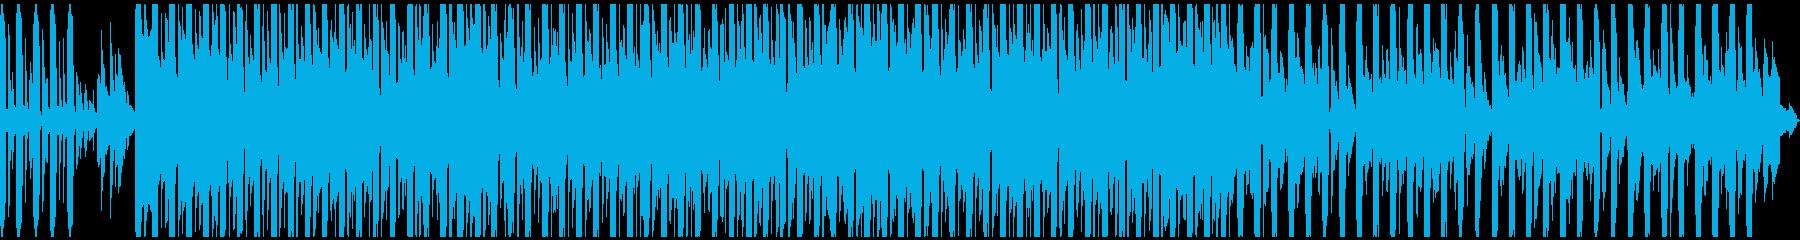 断固とした、しかしかなり遅いテンポ...の再生済みの波形